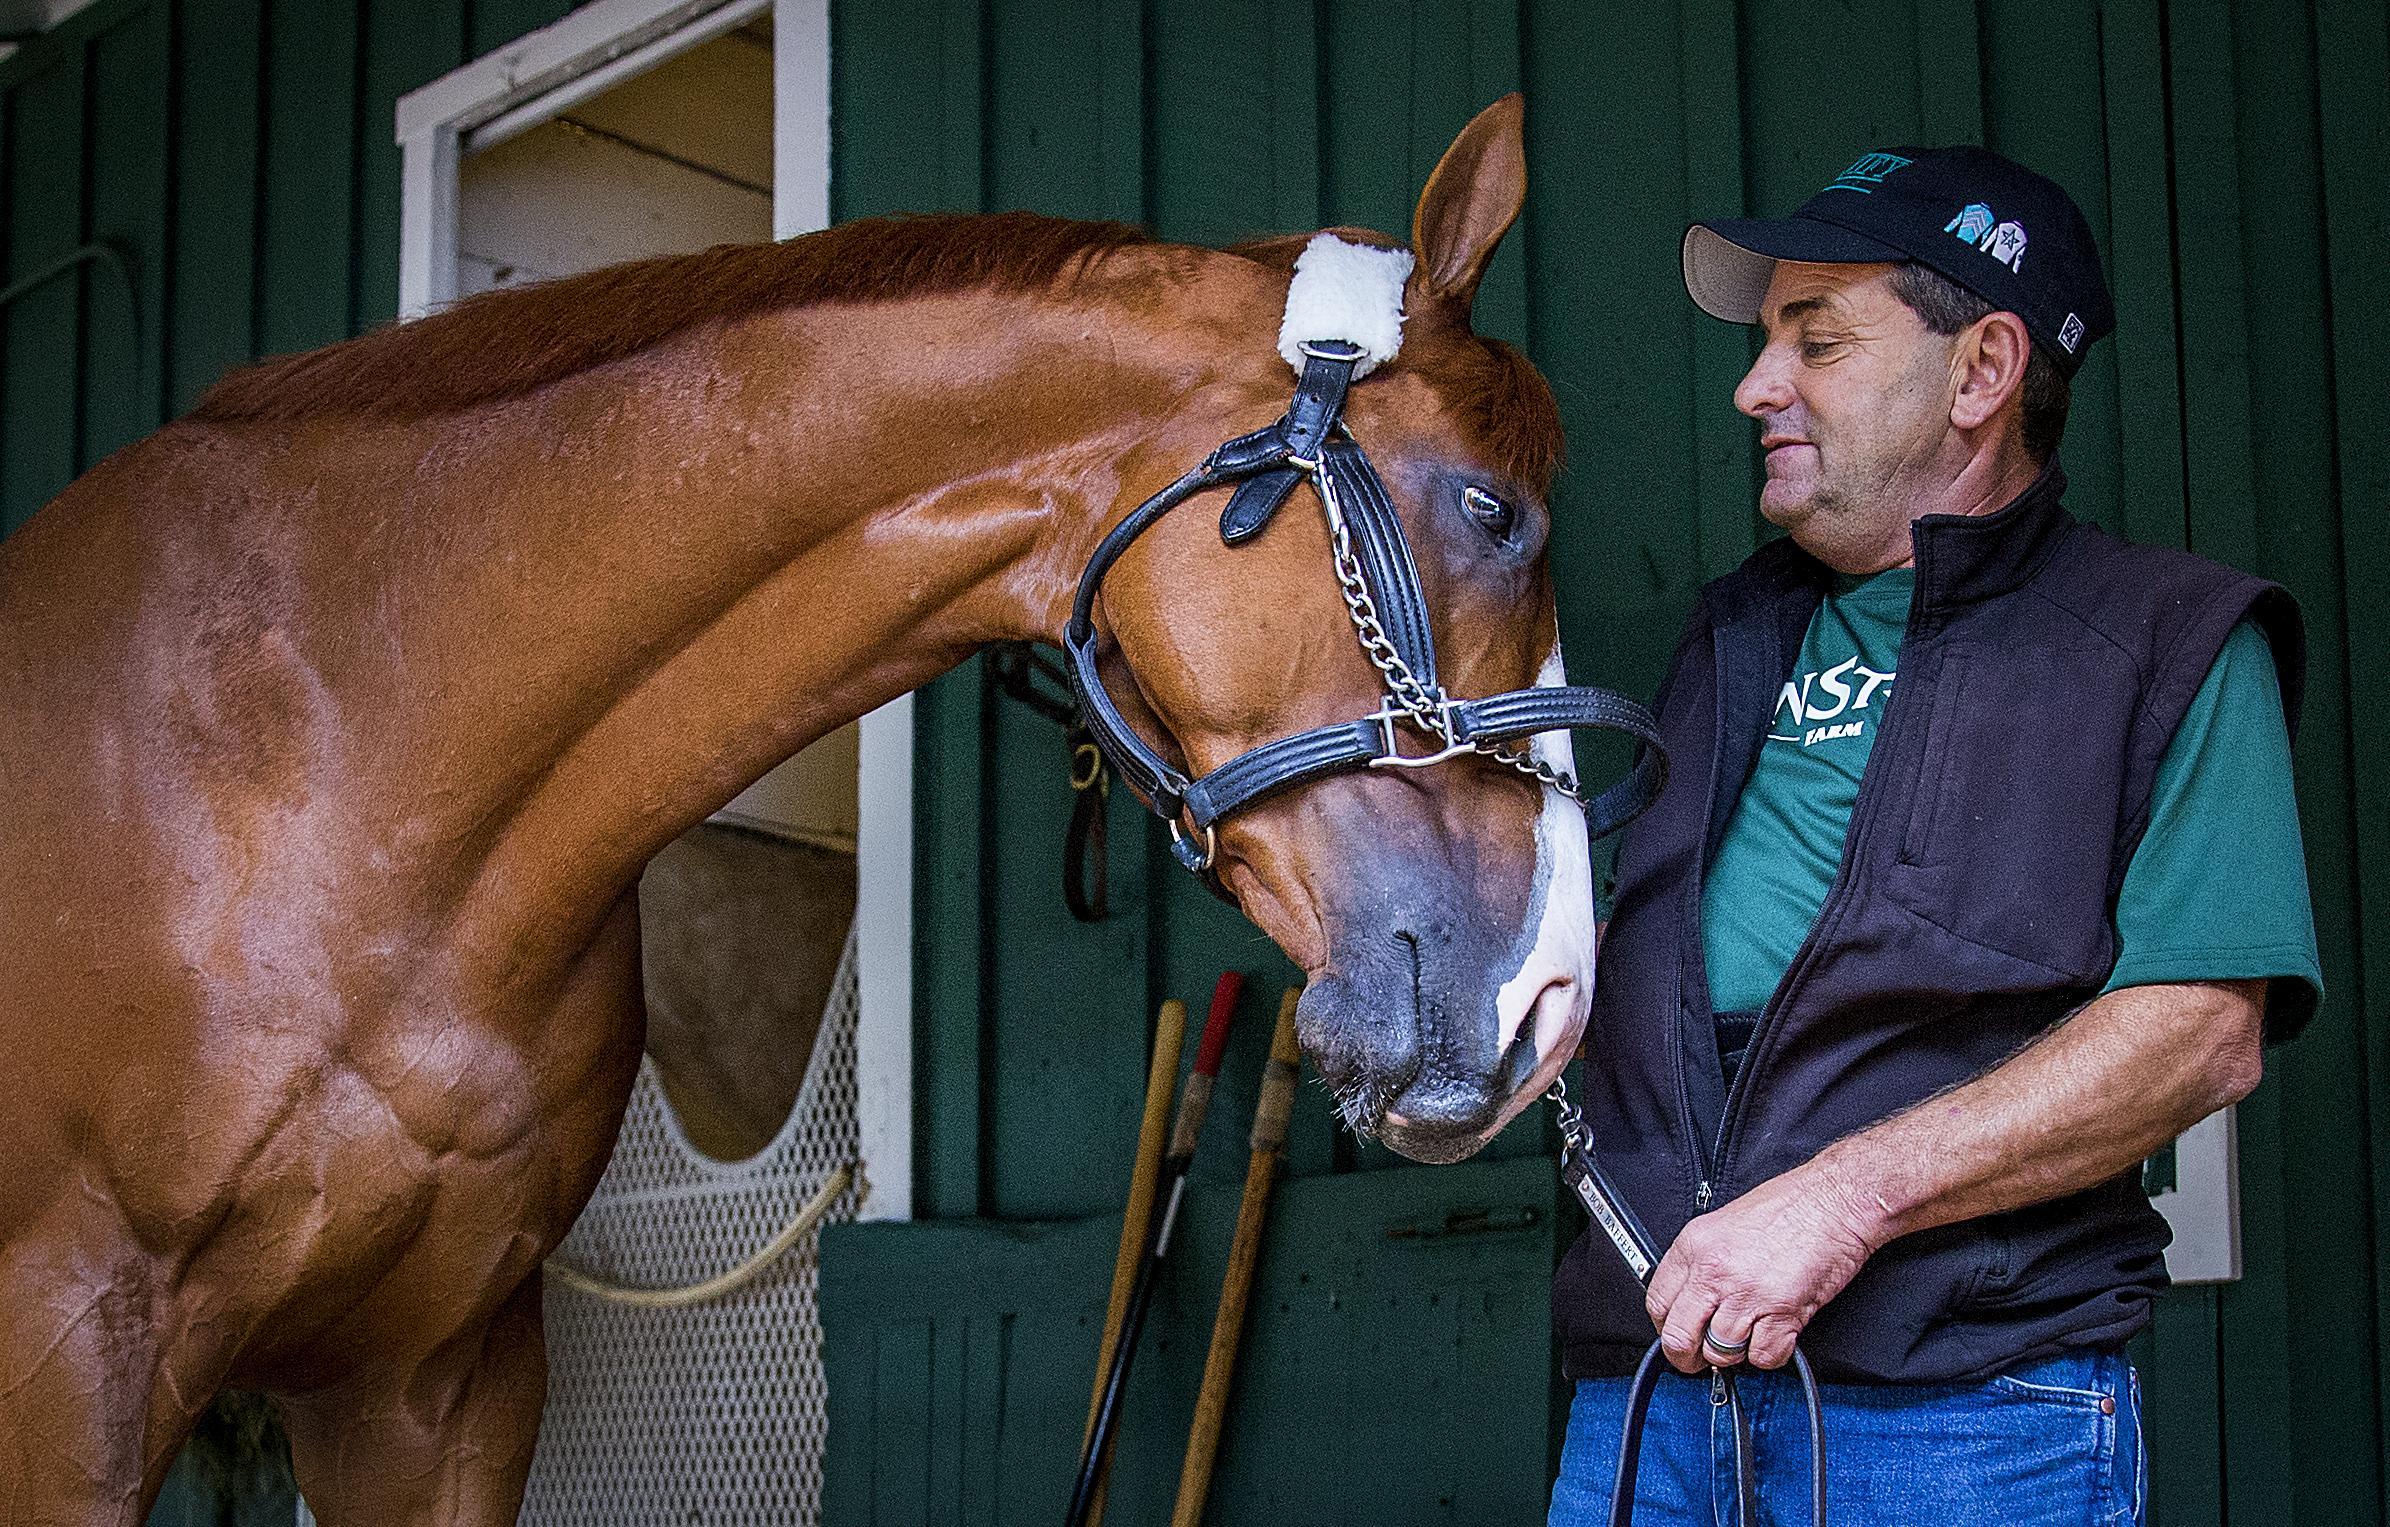 Justify Kentucky Derby Preakness Pimlico Jimmy Barnes Bob Baffert